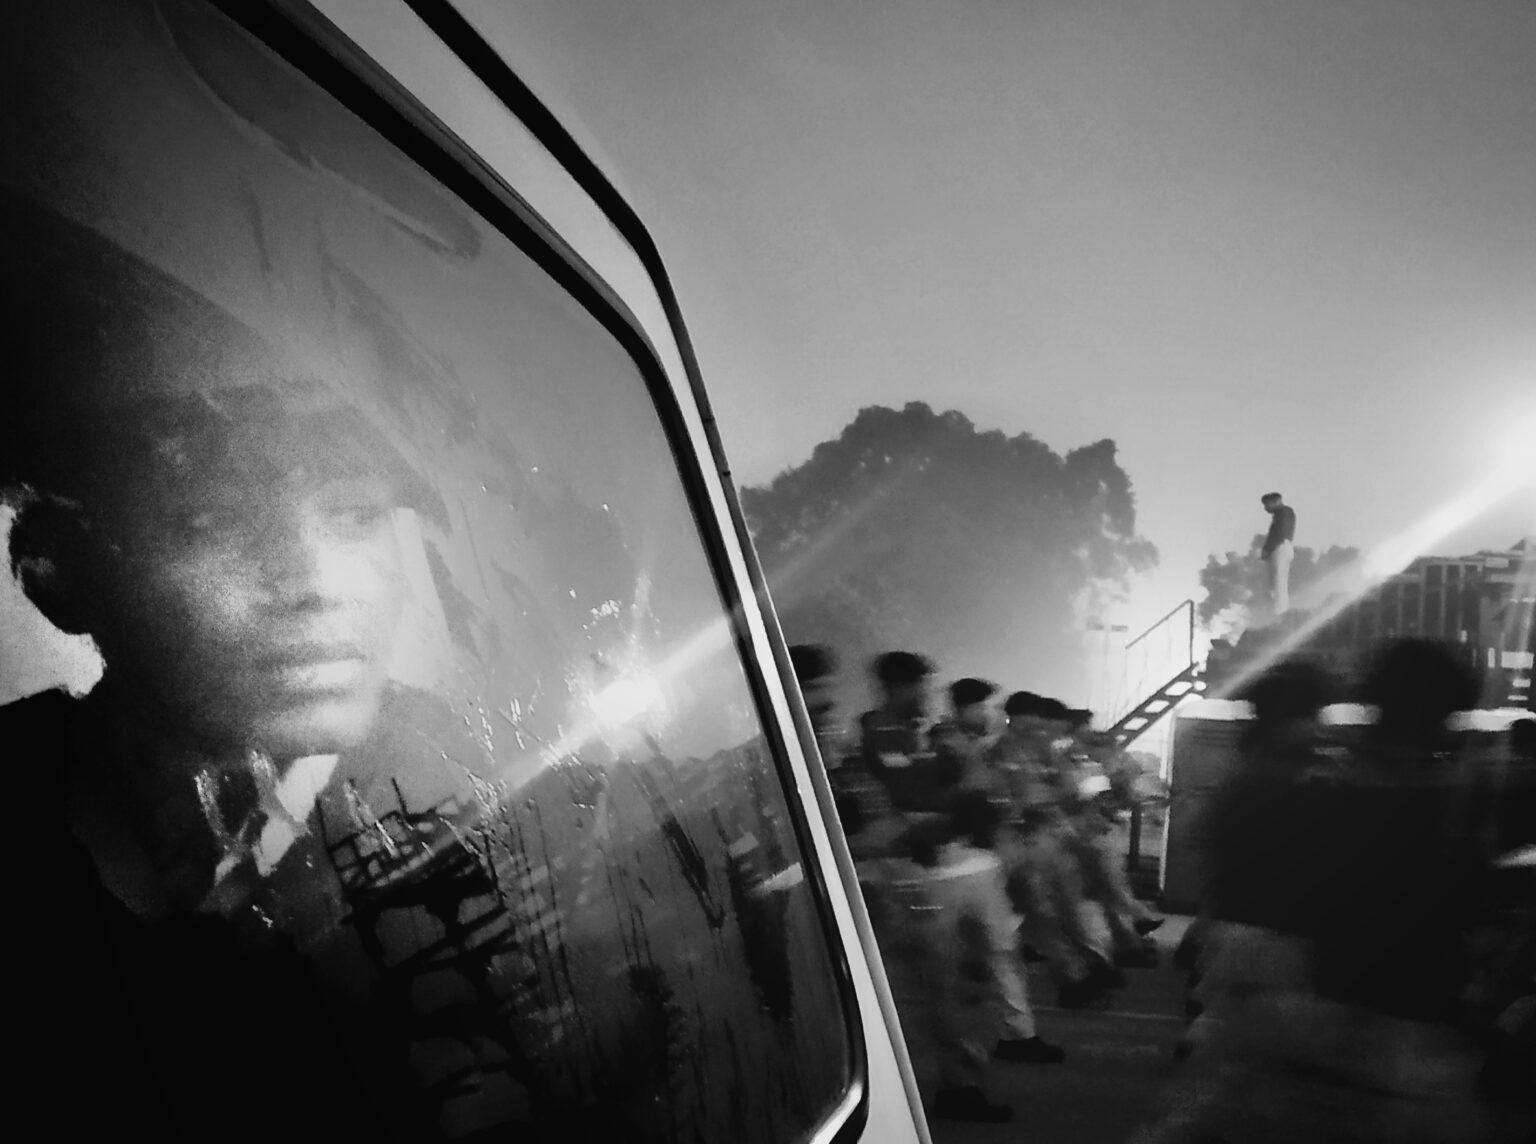 Первое место - Наман Шривастава, Индия